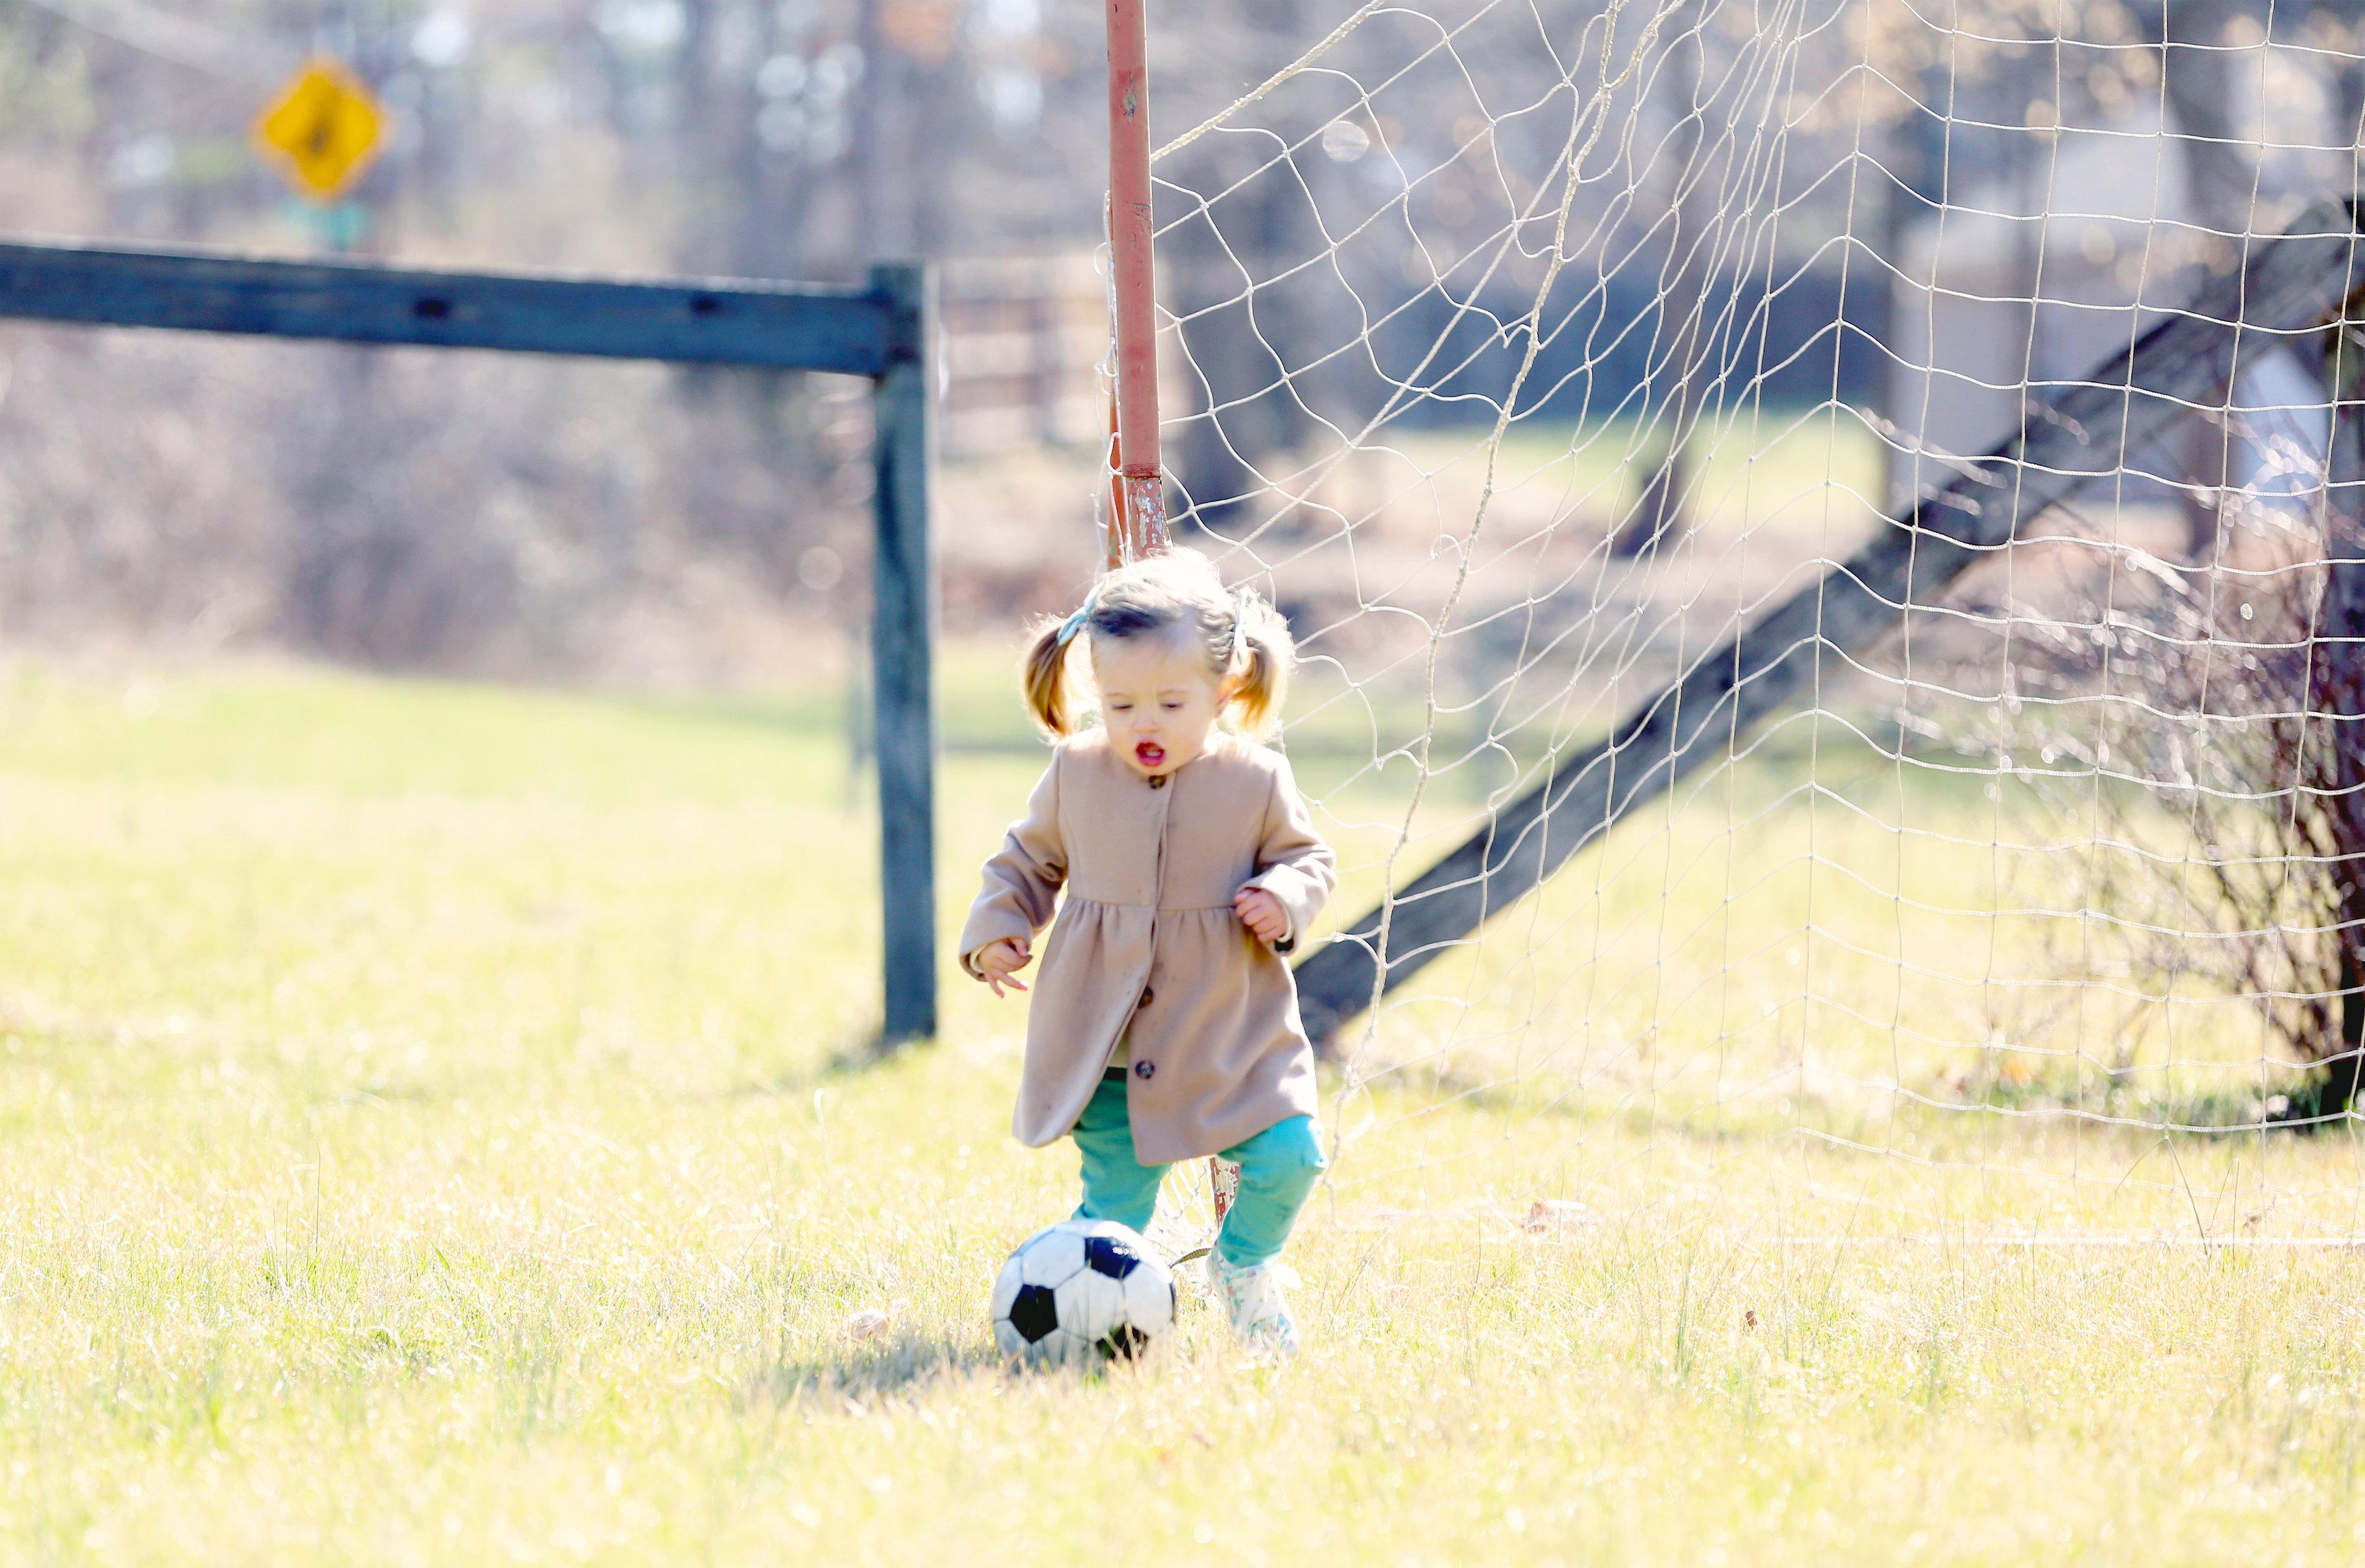 SoccerField_012